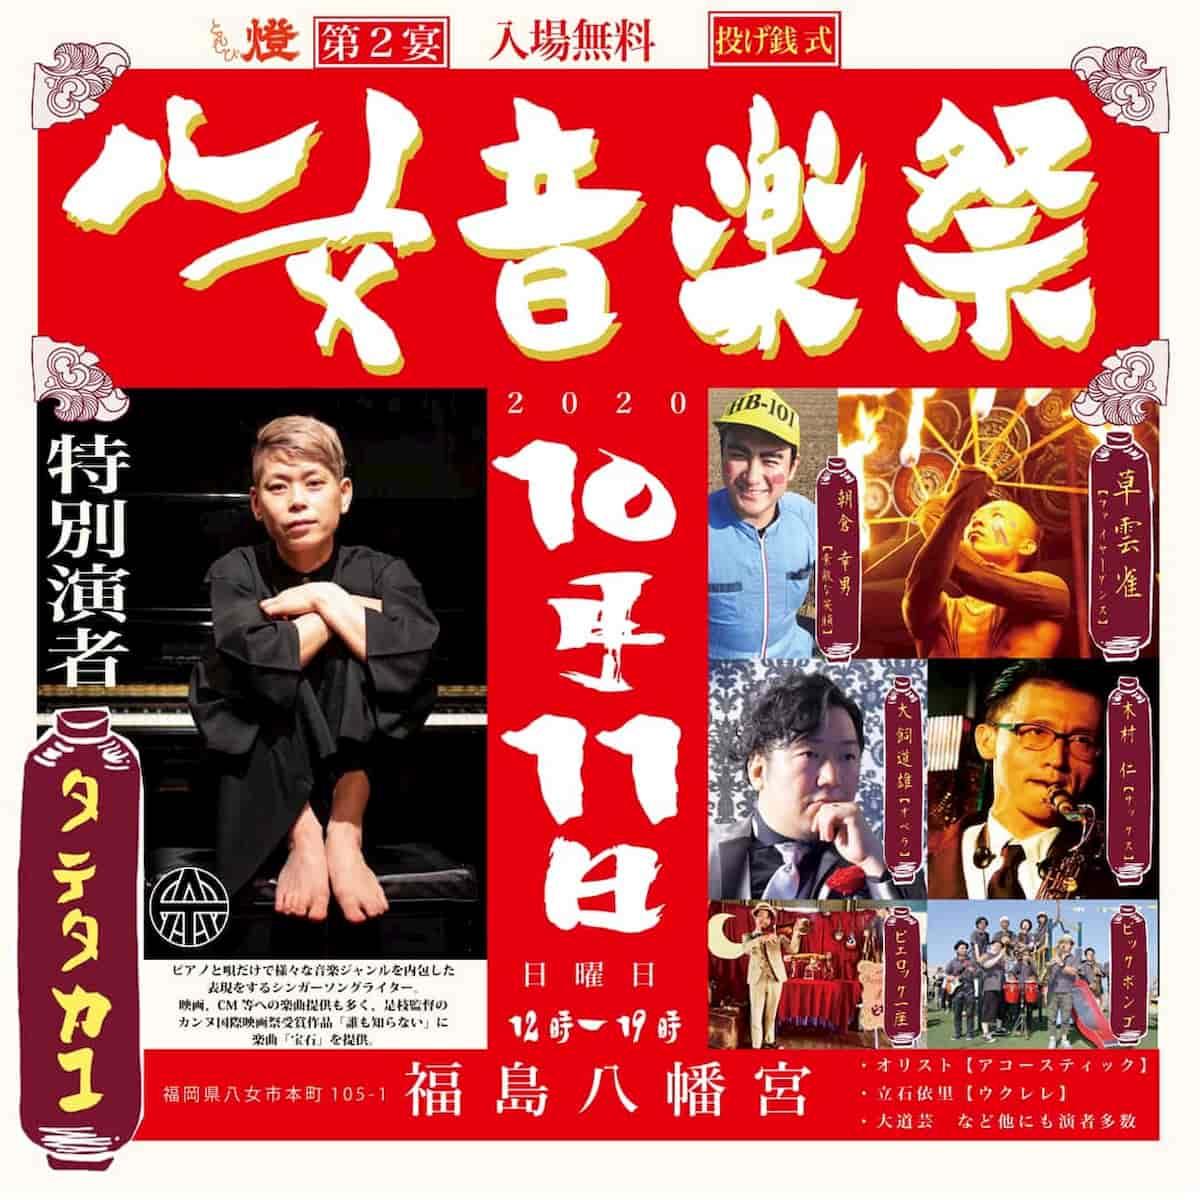 燈-TOMOSHIBI- 第2宴「八女音楽祭」10/11(日)開催! 多くのミュージシャンや飲食屋台が集合!【八女市】